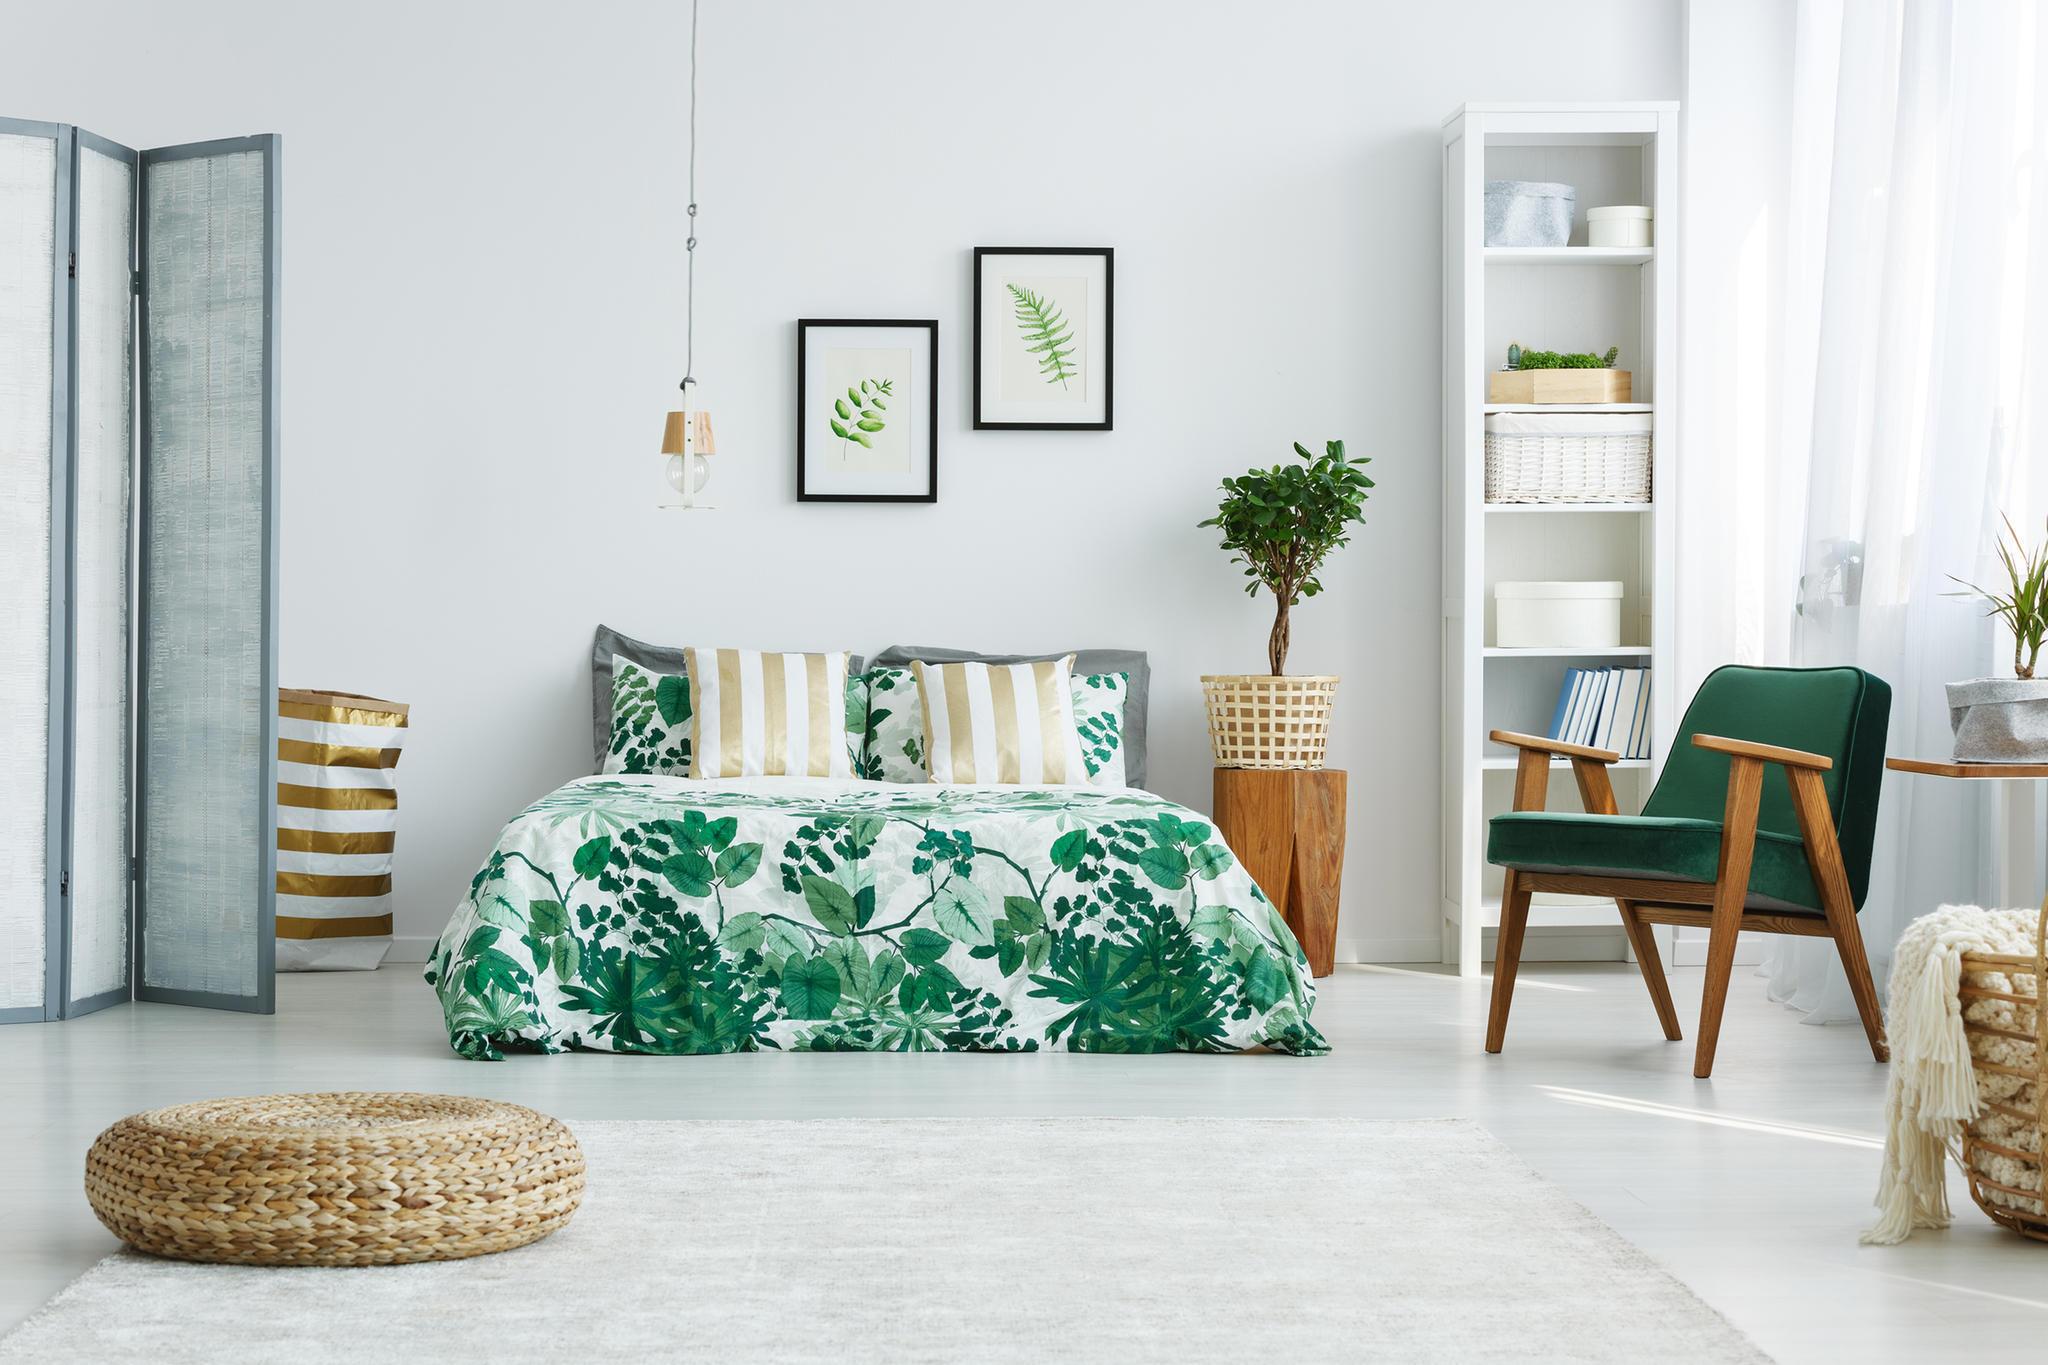 Full Size of Altrosa Schlafzimmer Luxus Teppich Regal Komplett Massivholz Lampen Günstig Truhe Stuhl Sessel Landhausstil Für Wohnzimmer Altrosa Schlafzimmer